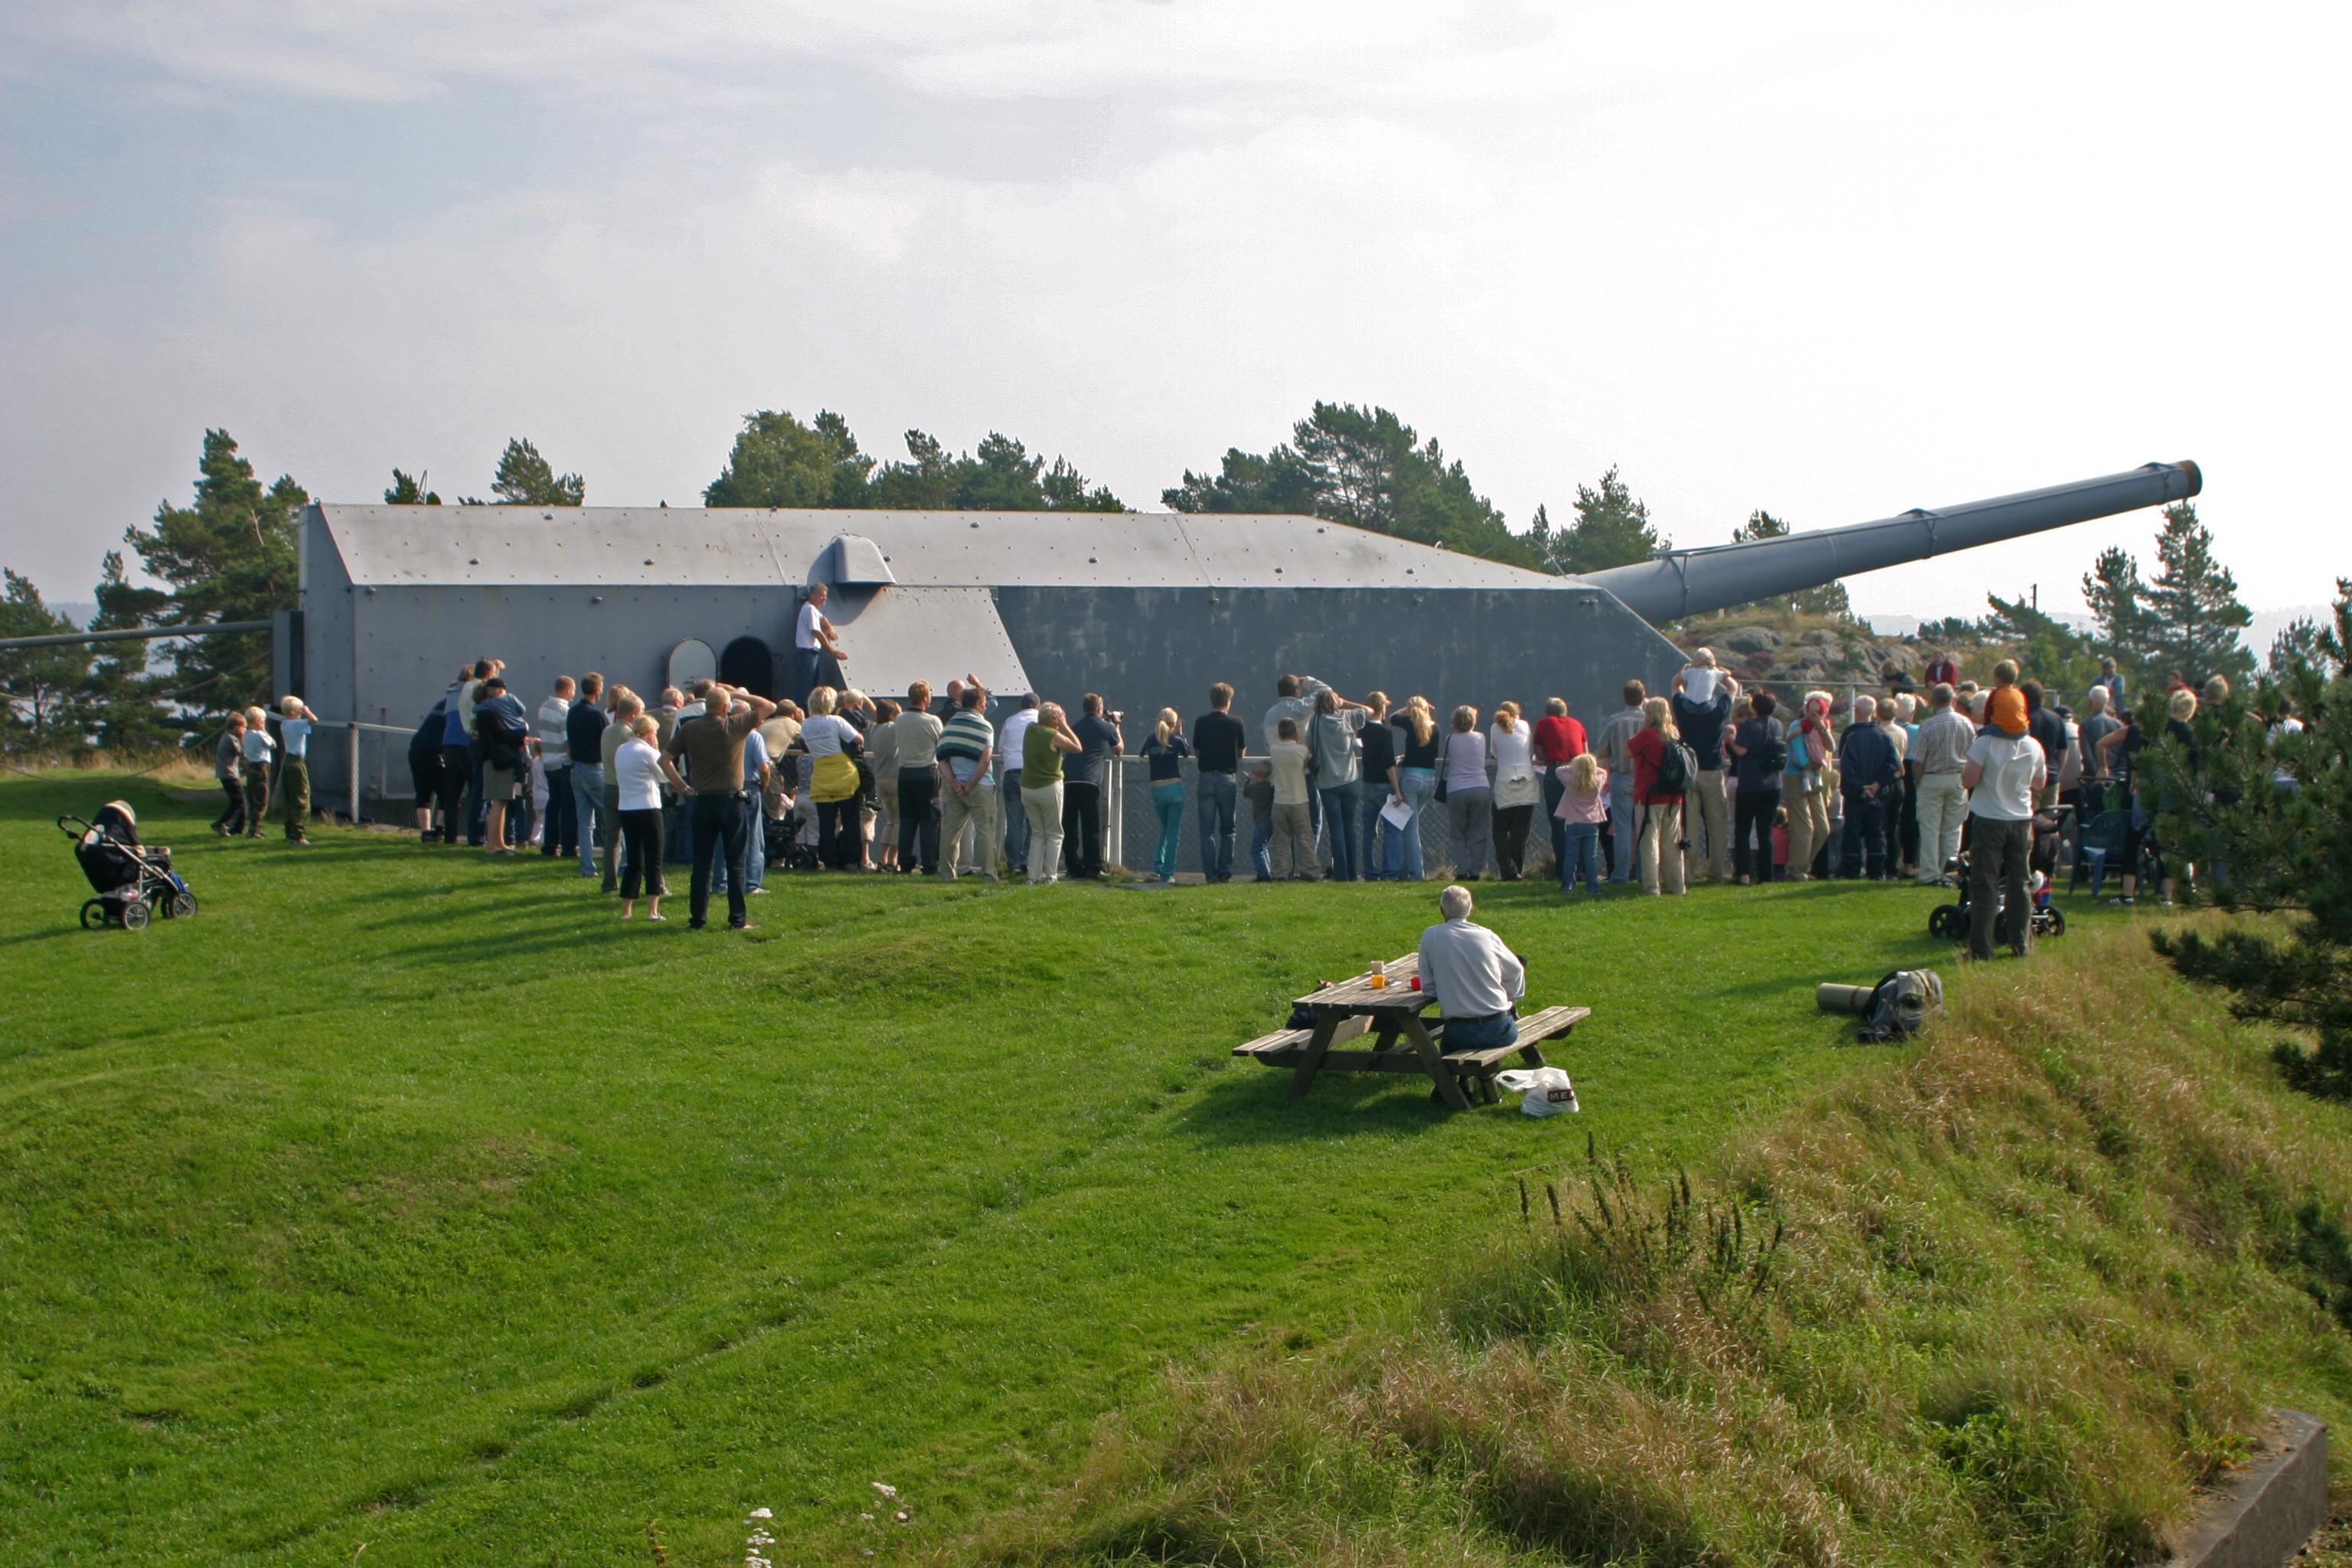 168_6873-tilskuere-v-kanonen-kopi-1